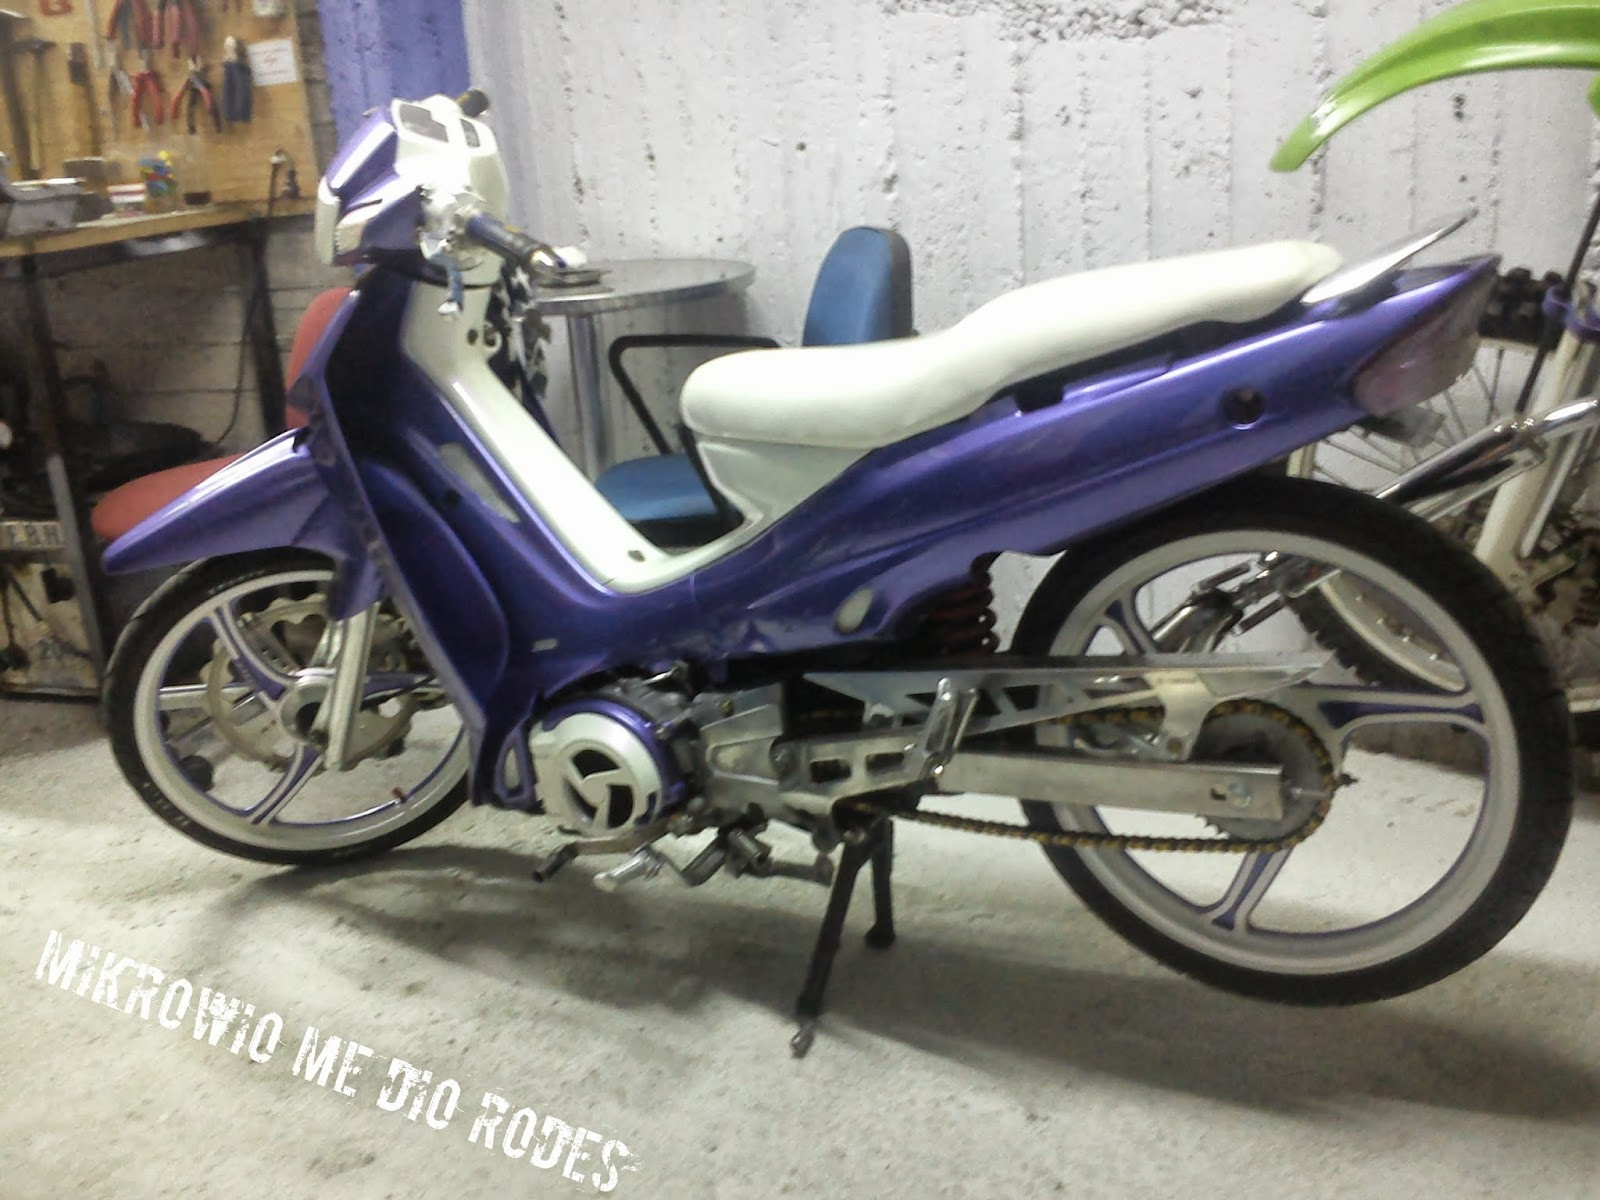 Mikrowio me dio rodes yamaha f1 140cc for Yamaha 221 vs 222